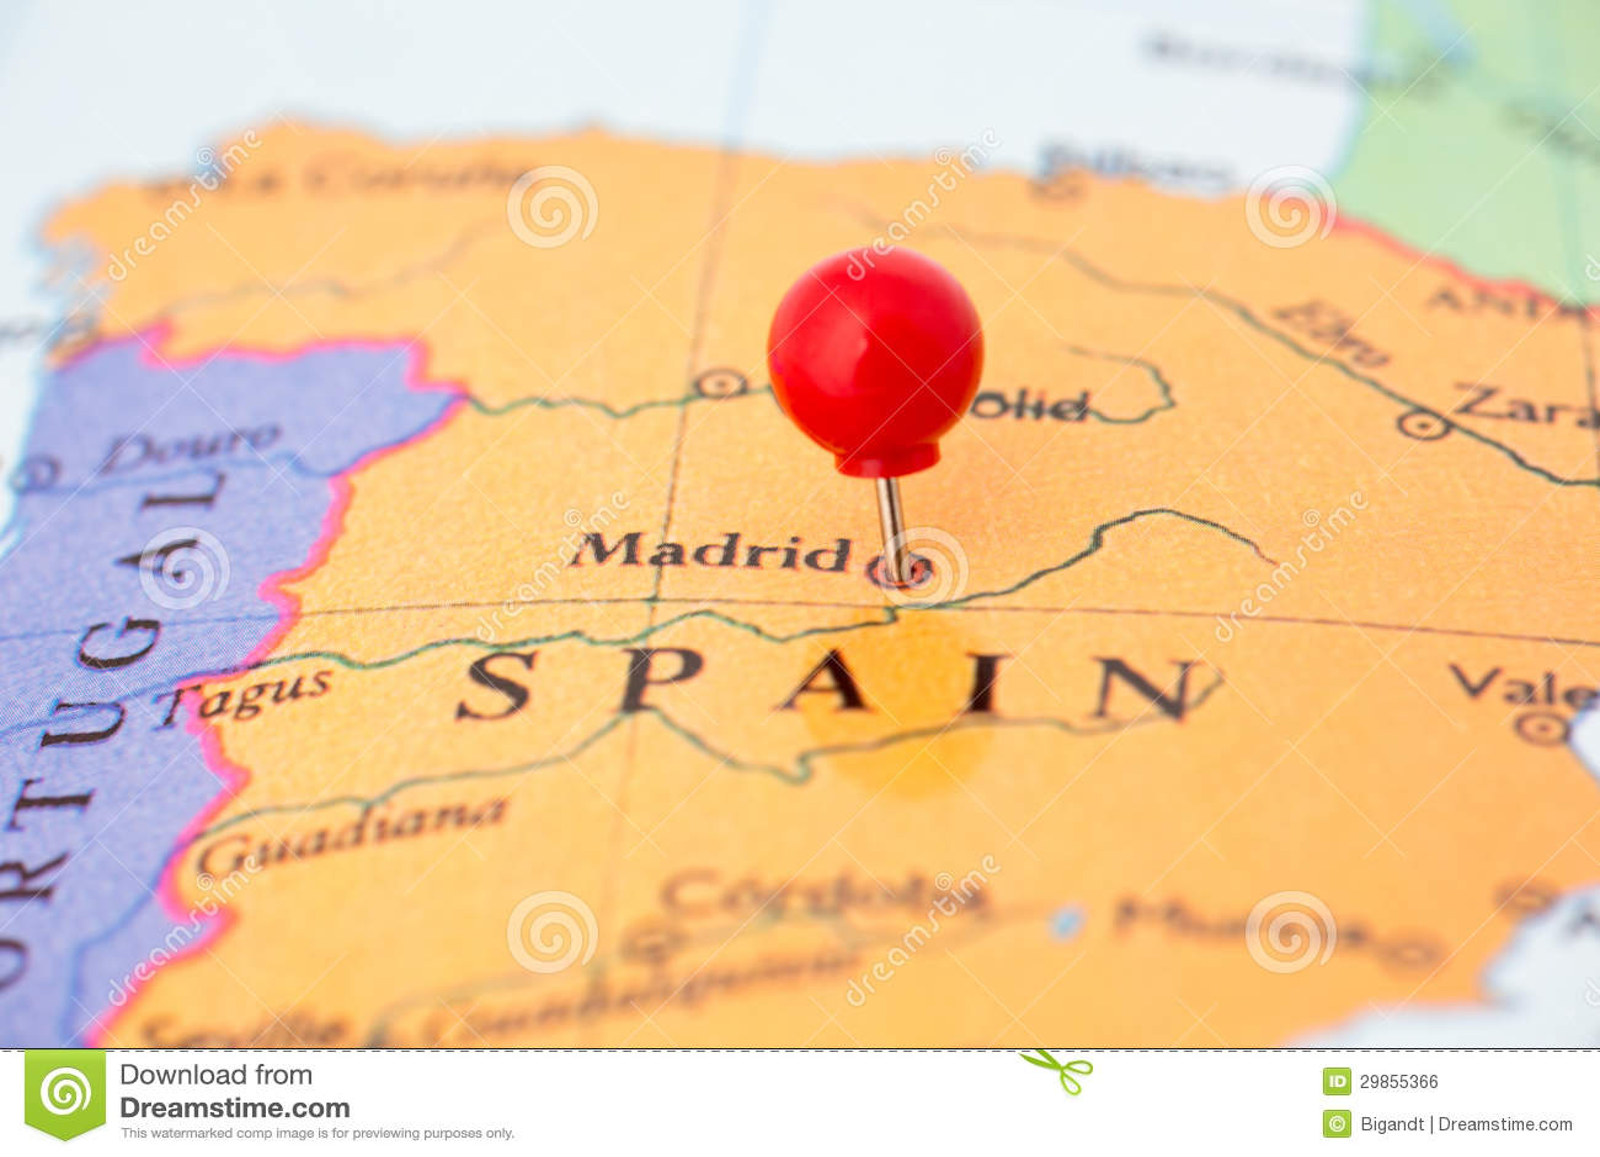 Cartina Spagna Girona